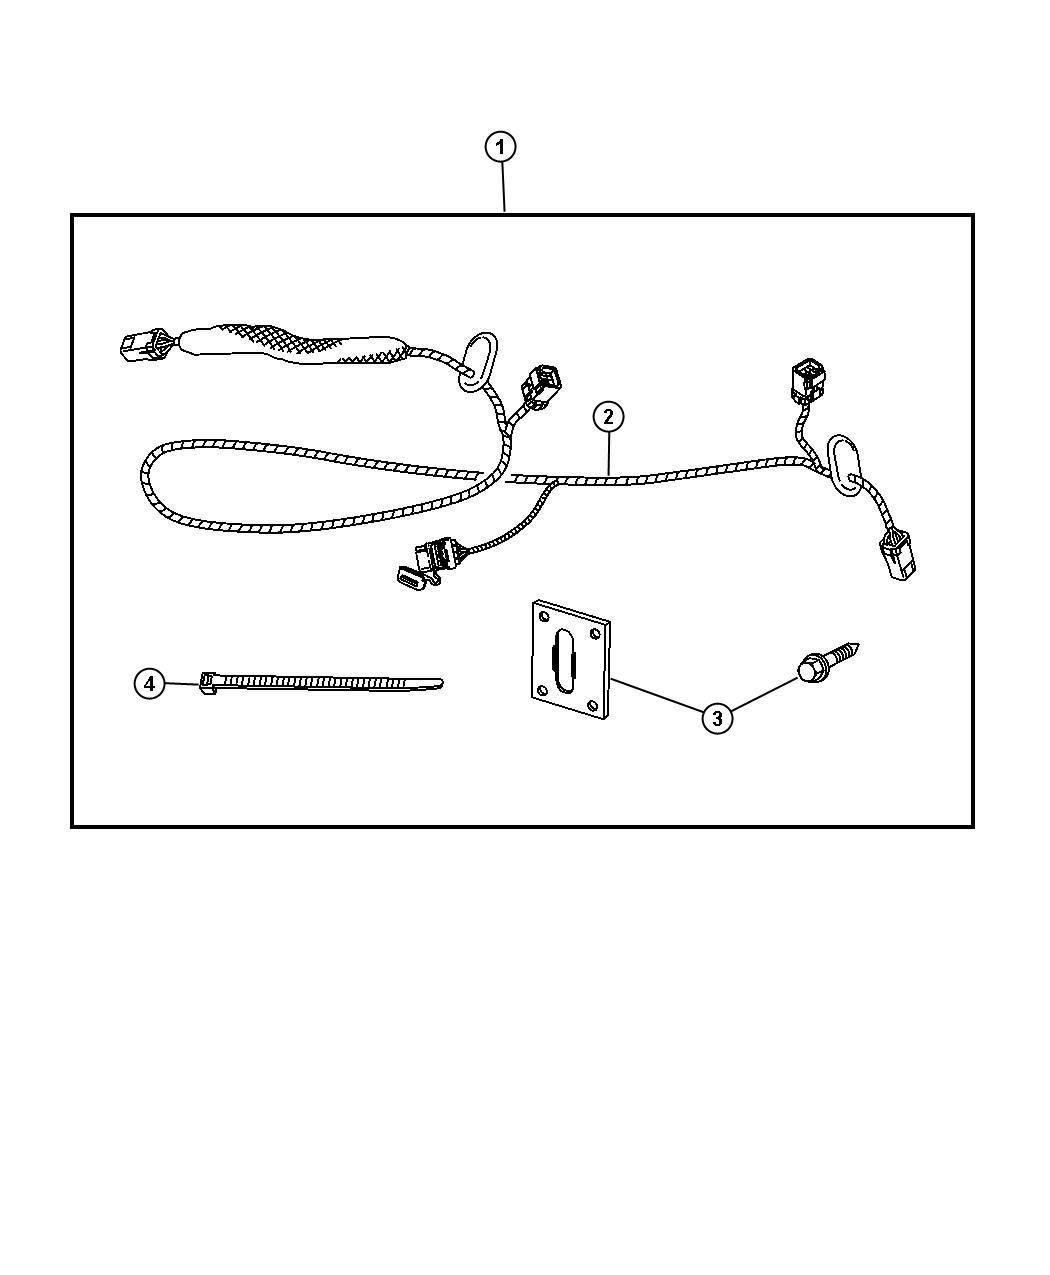 Chrysler Aspen Wiring Kit Trailer Tow